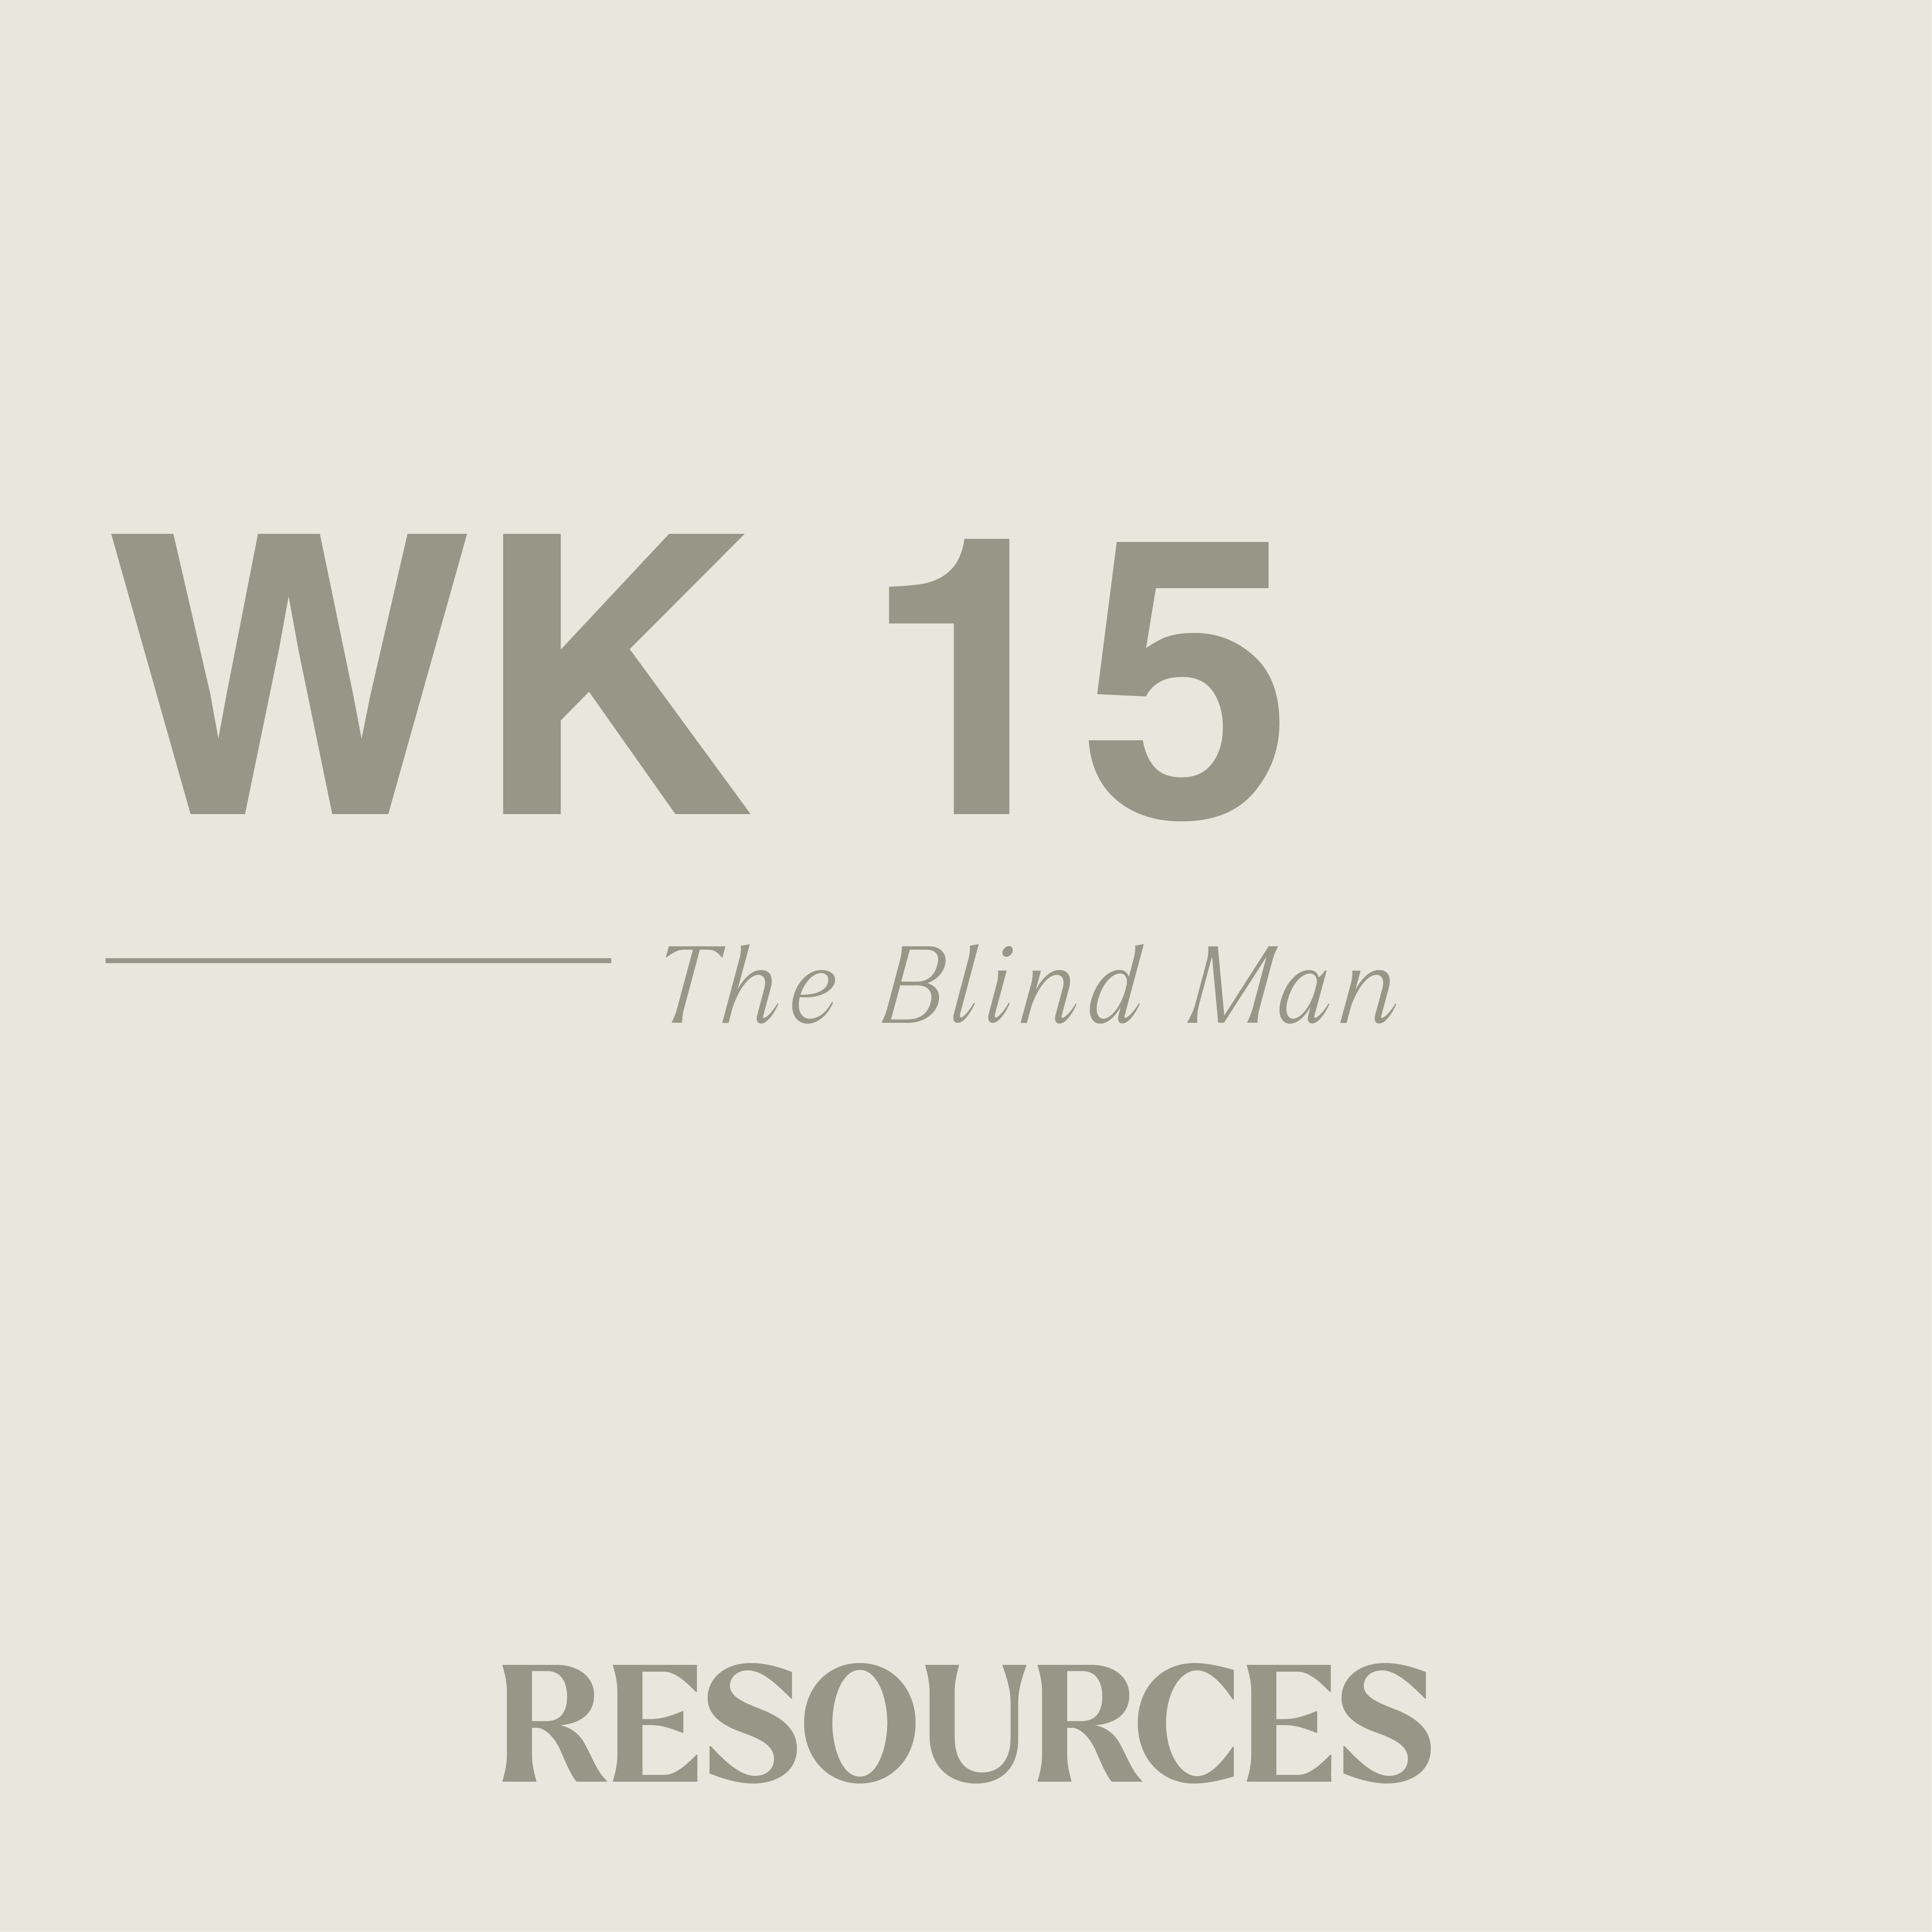 John week fifteen resouces